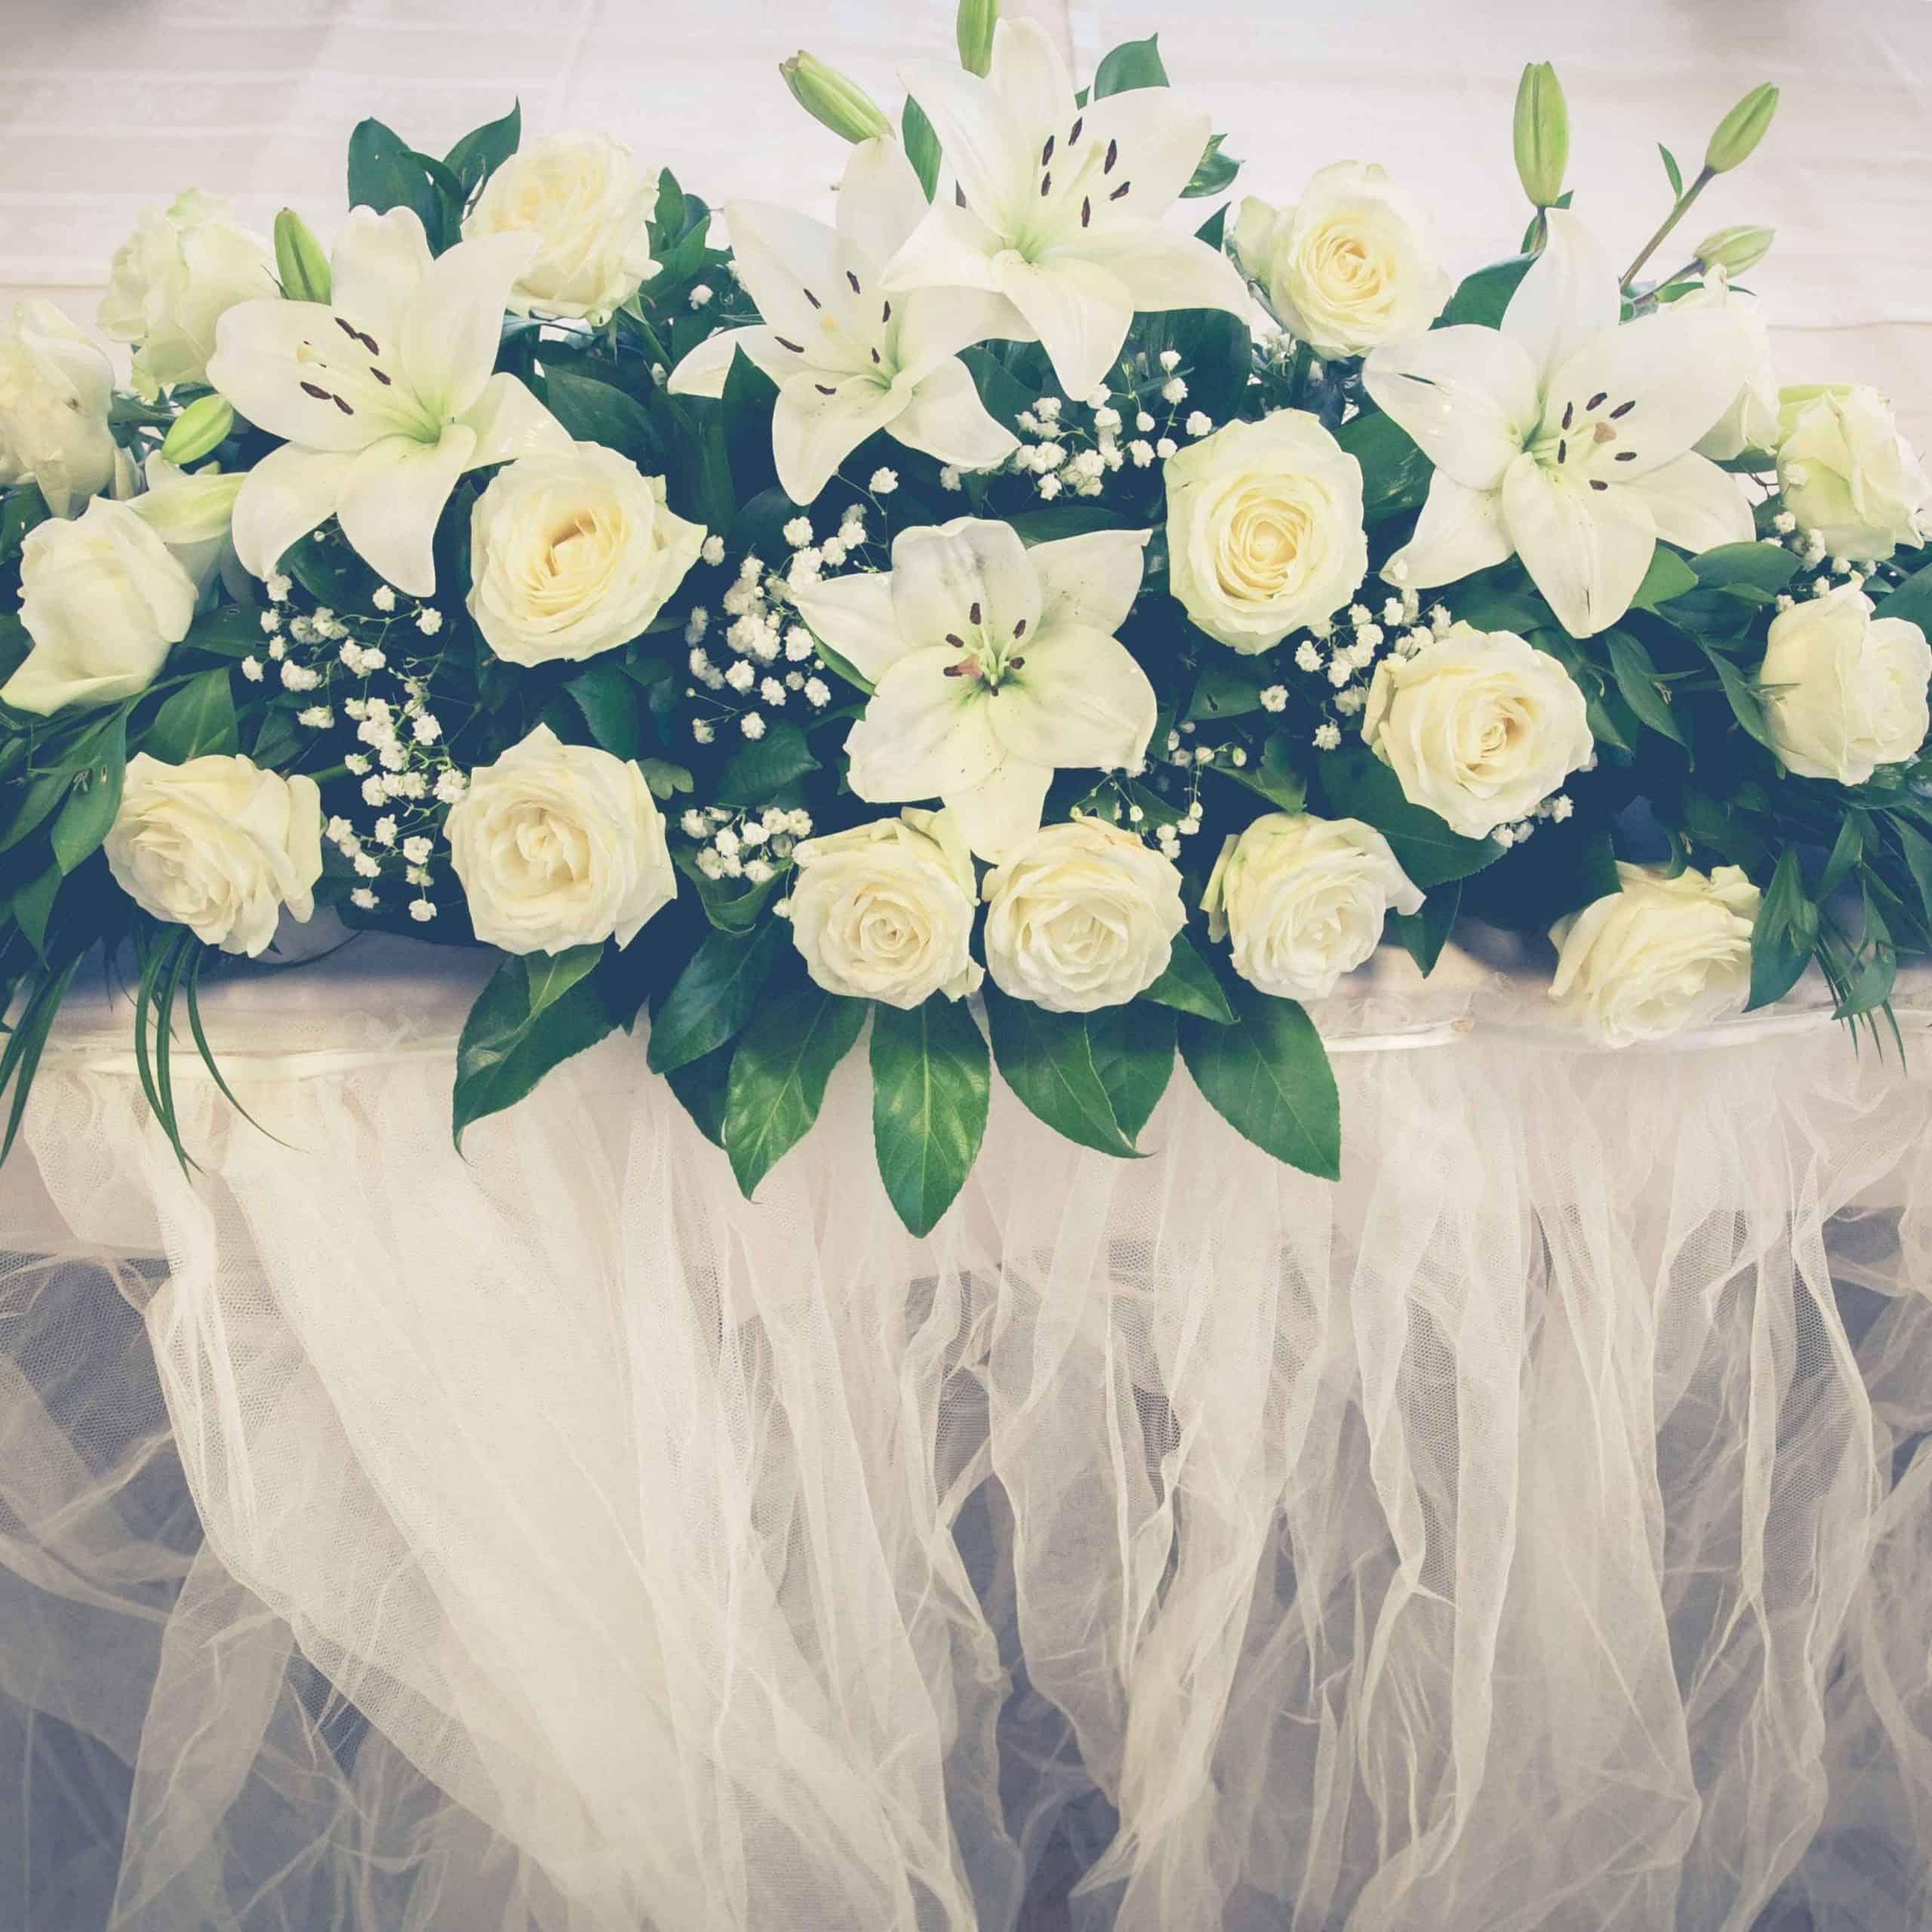 dekor pernikahan modern